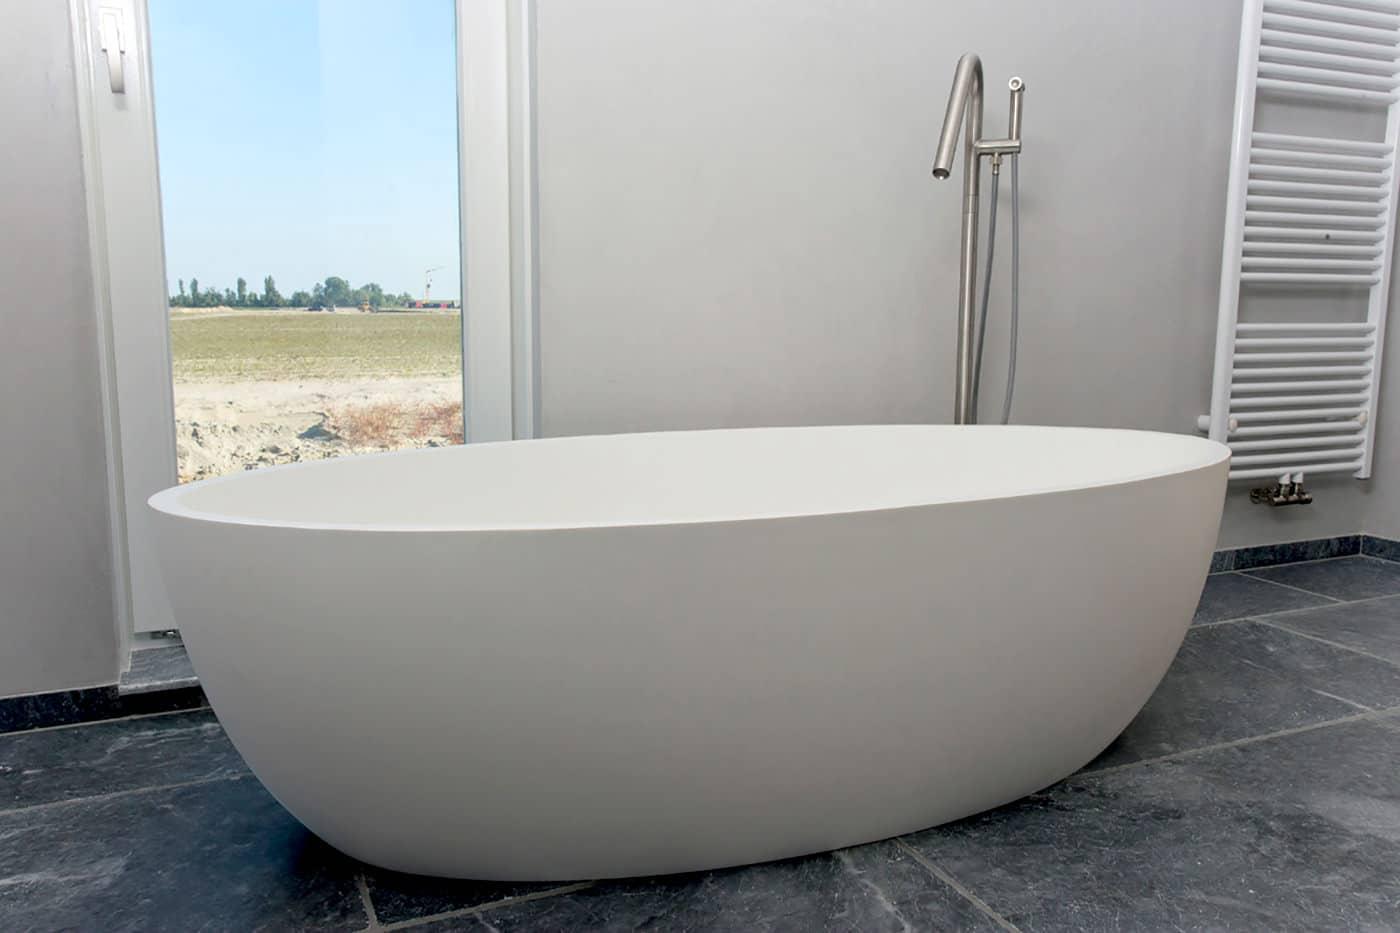 cocoon-freestanding-tub-solid-tub-large-tub-corian-tub-quartz-tub